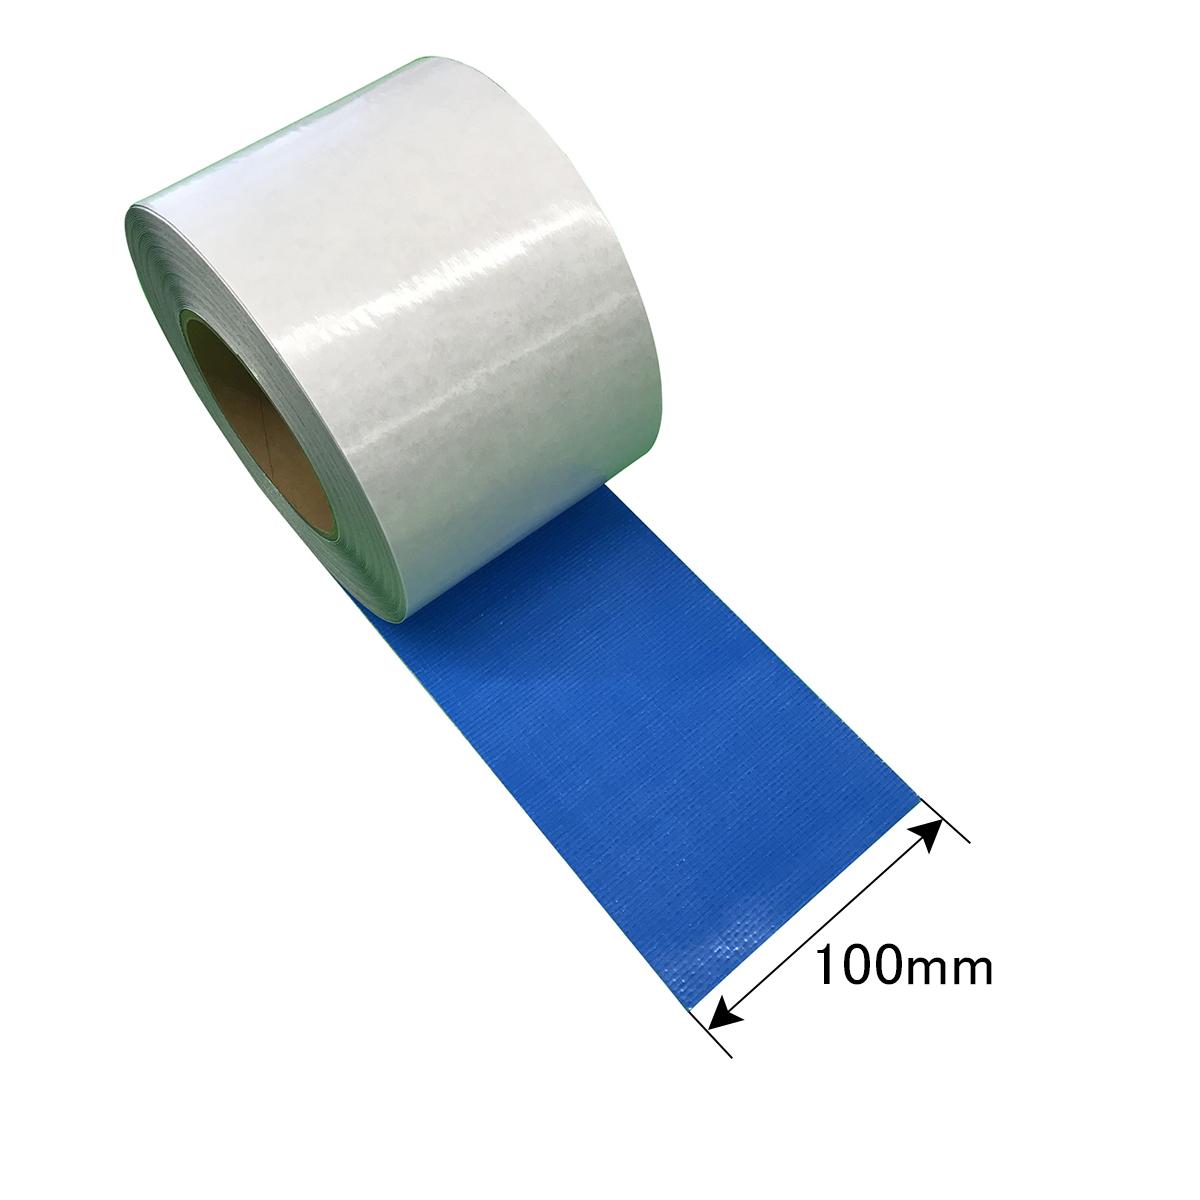 シート補修テープ ブルー 巾100mm×長さ20m